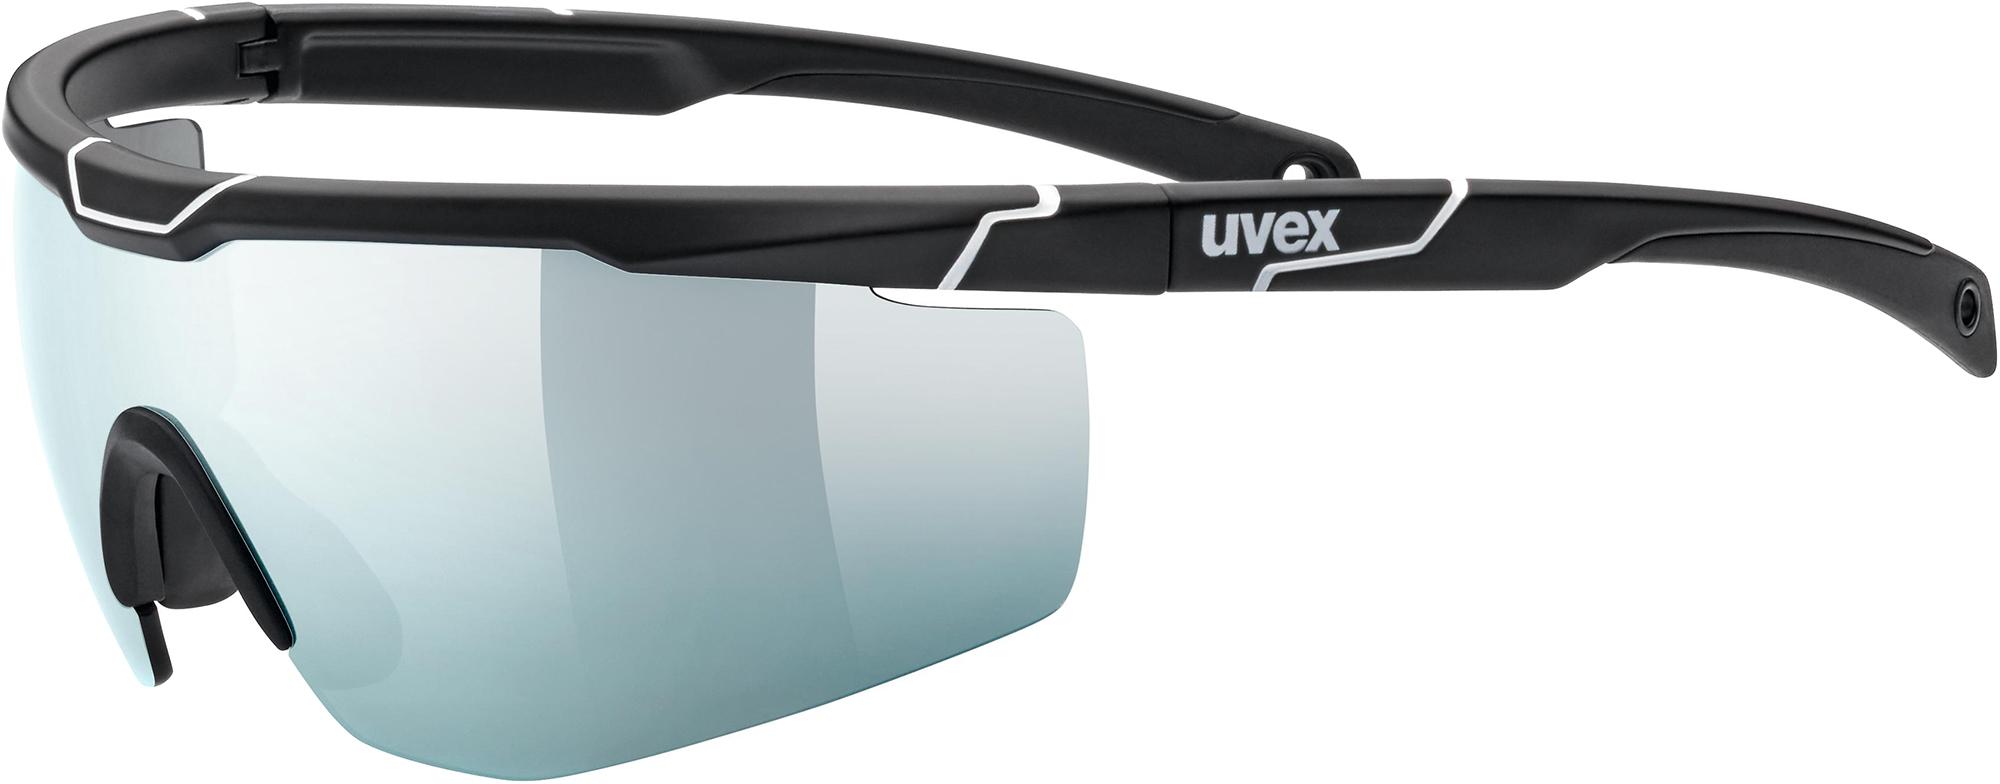 Uvex Солнцезащитные очки Uvex Sportstyle 117